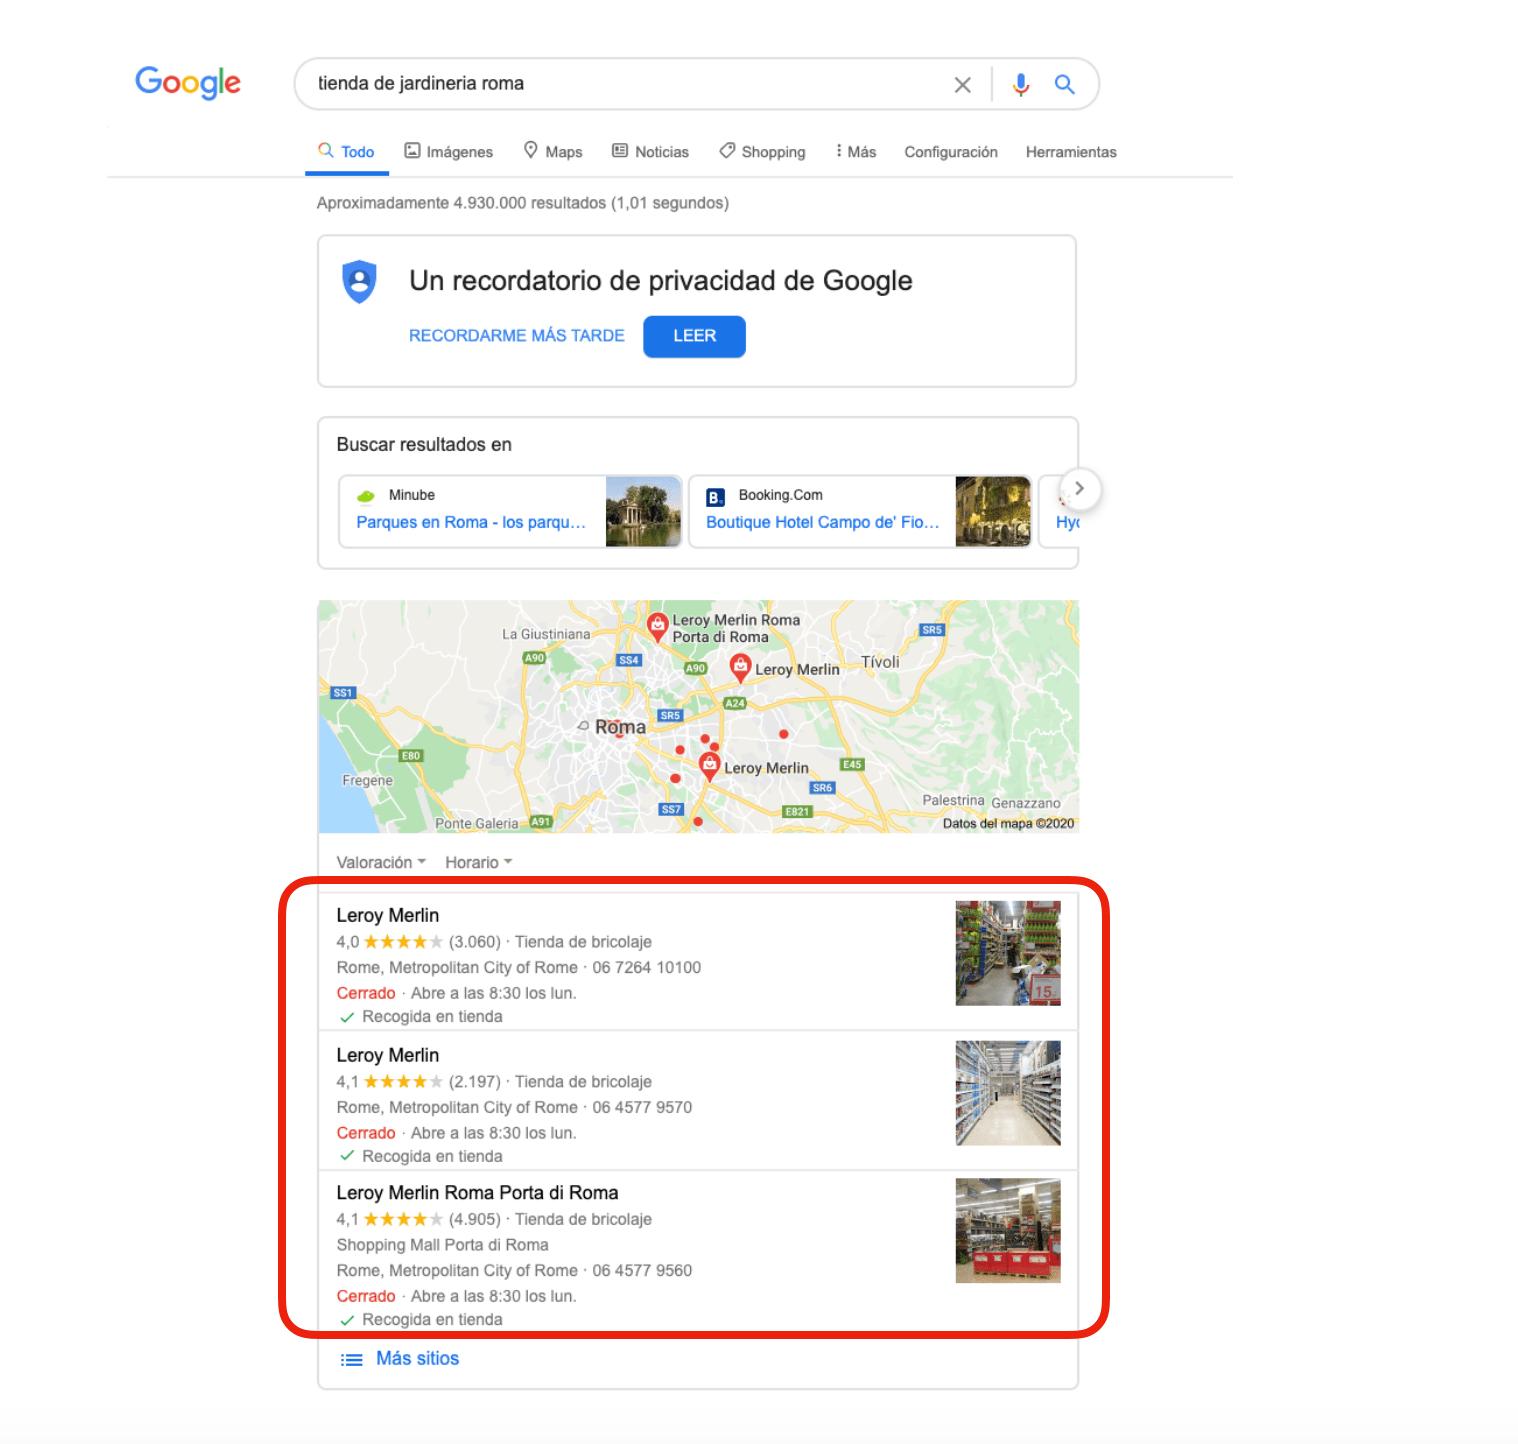 ejemplo de resultado de búsqueda google con fichas identificadas correctamente por su categoría principal y sus subcategorías